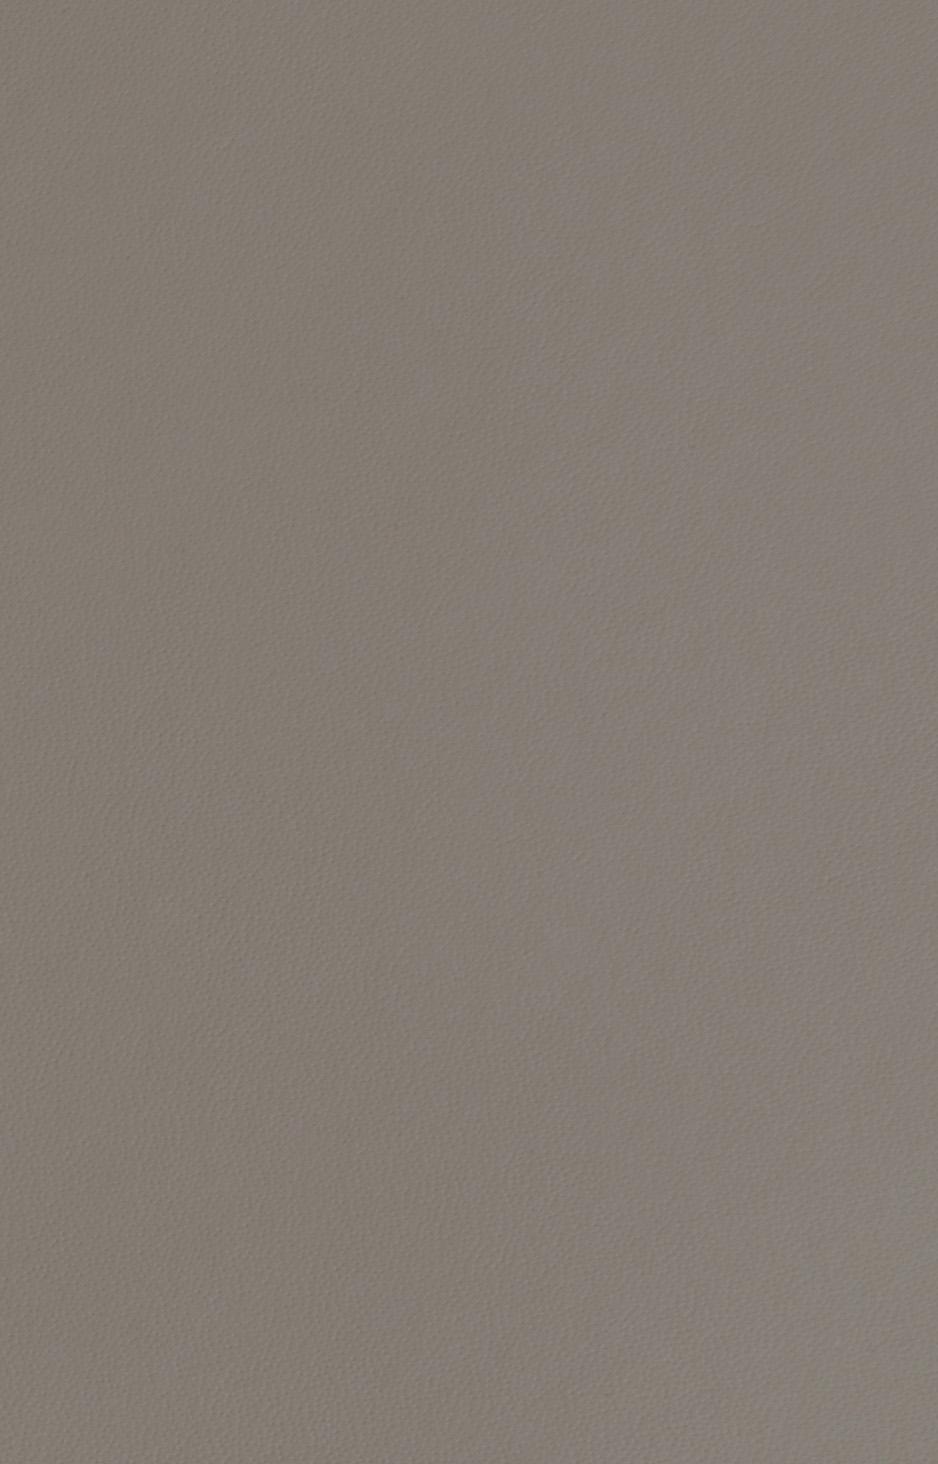 Antibes 048 taupe pinetti